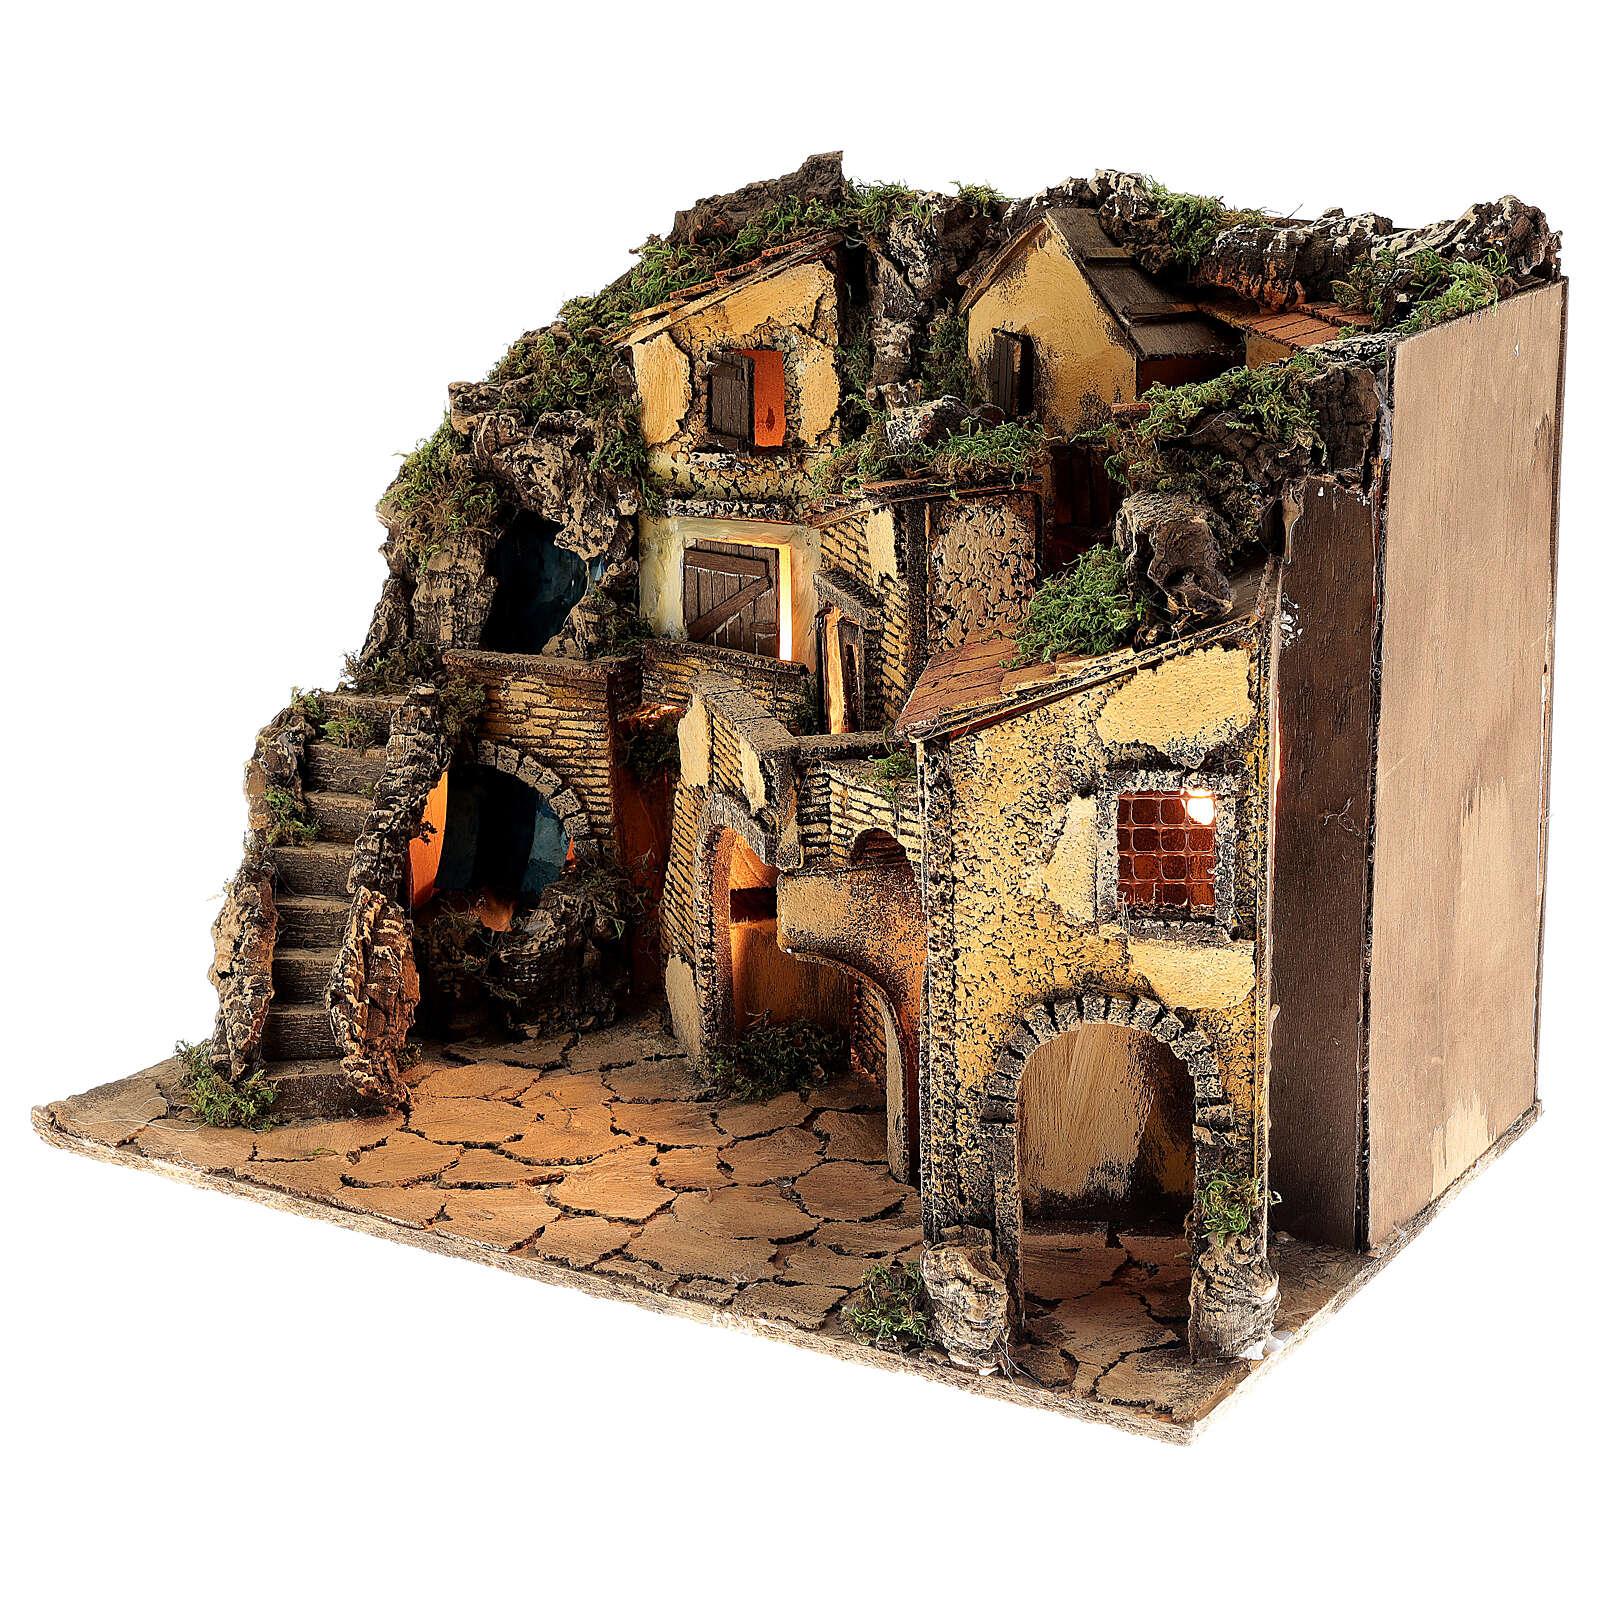 Borgo presepe napoletano stile 700 cascata luci 45x60x40 cm 4